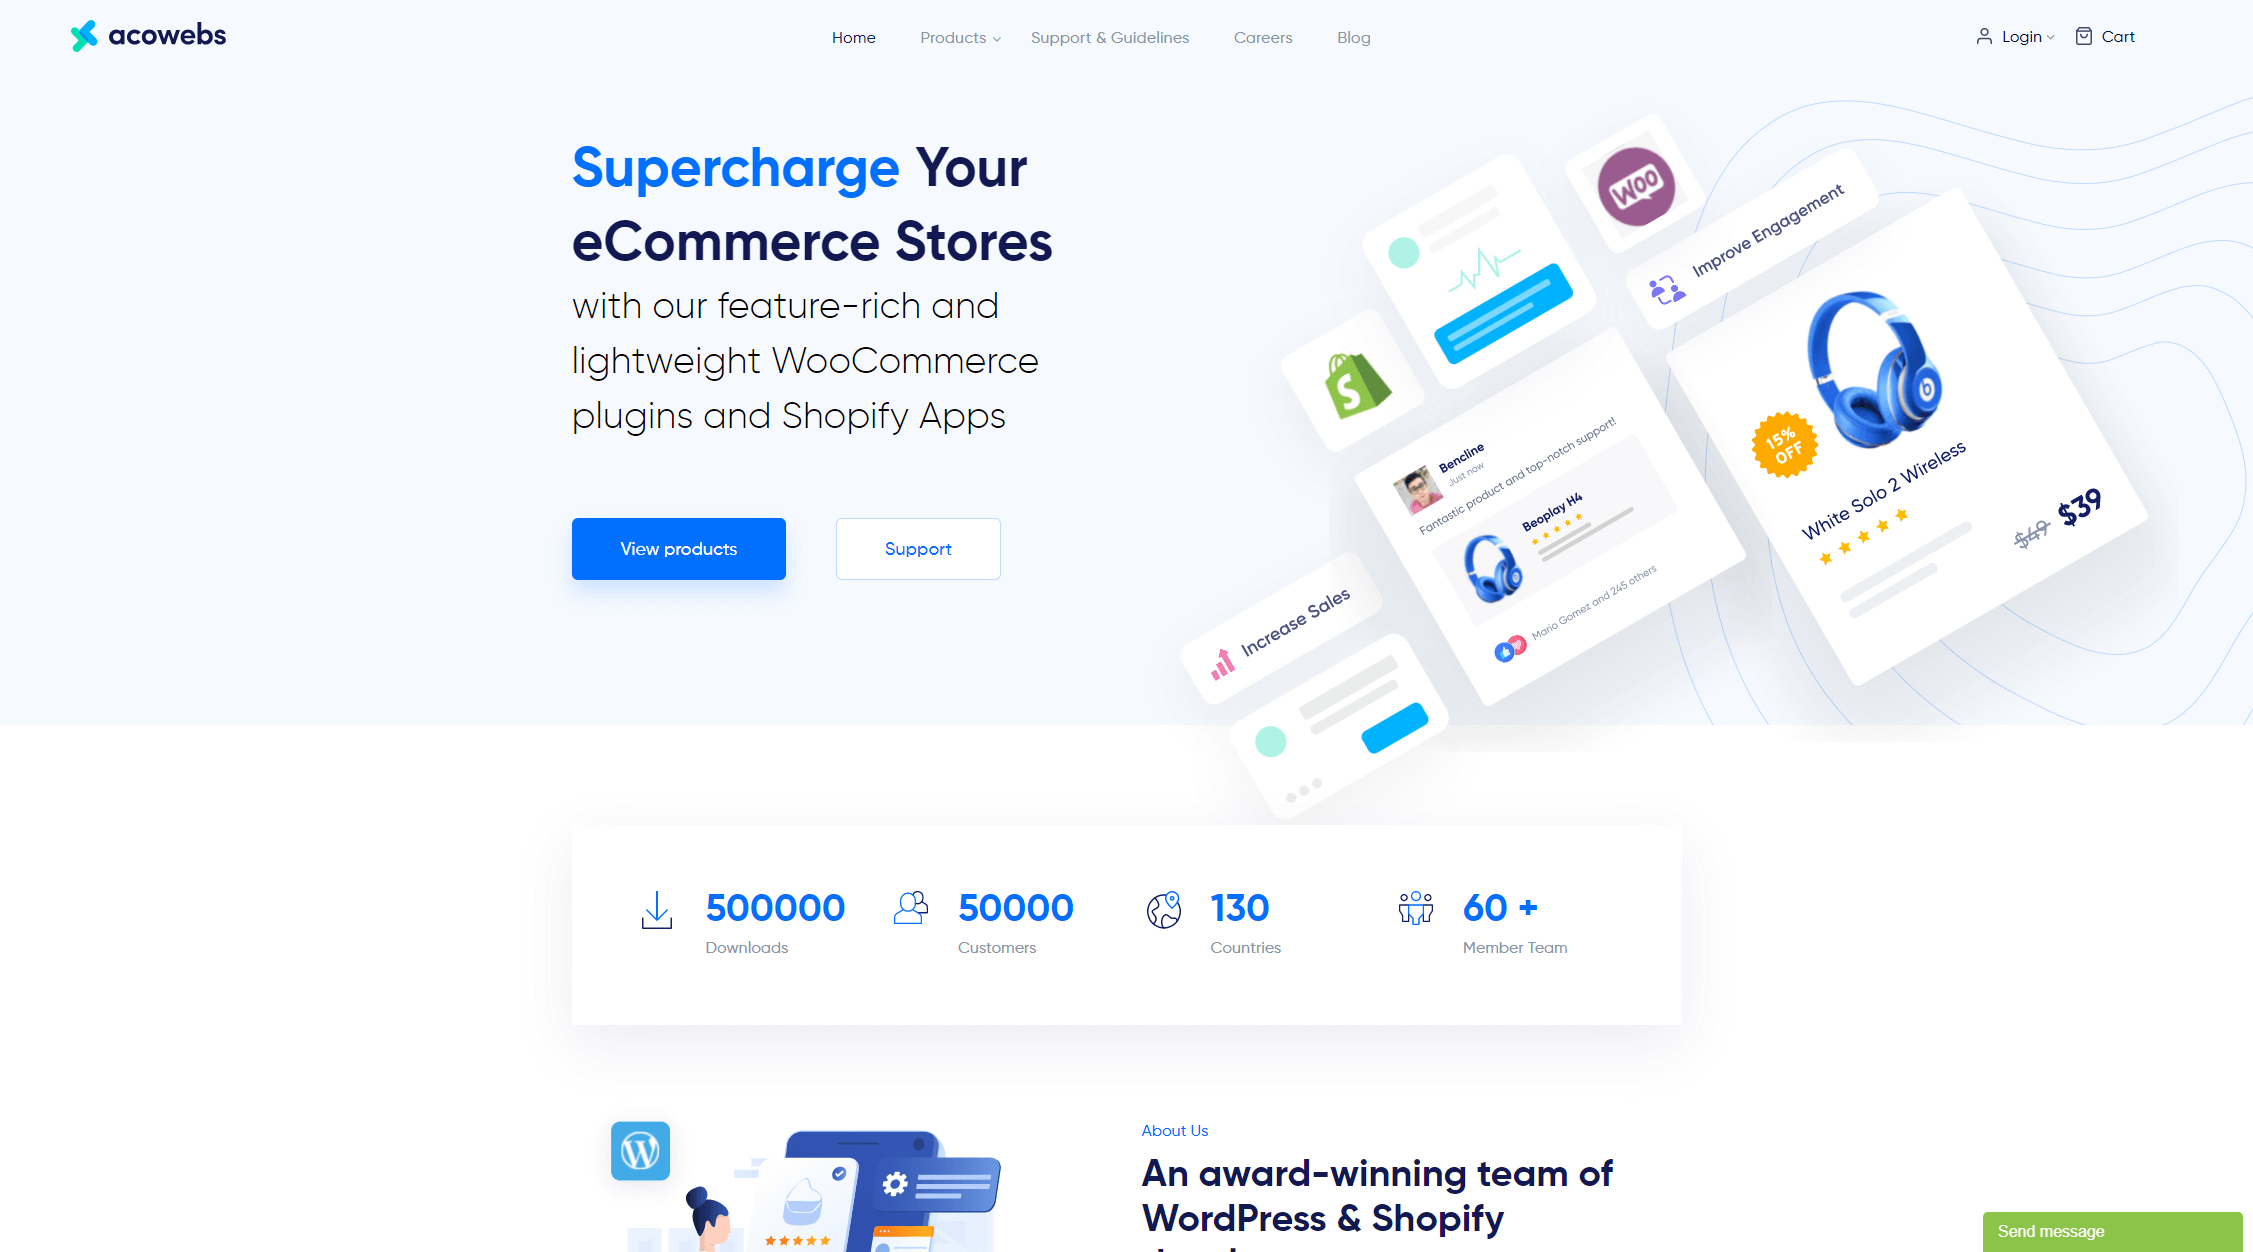 acowebs.com